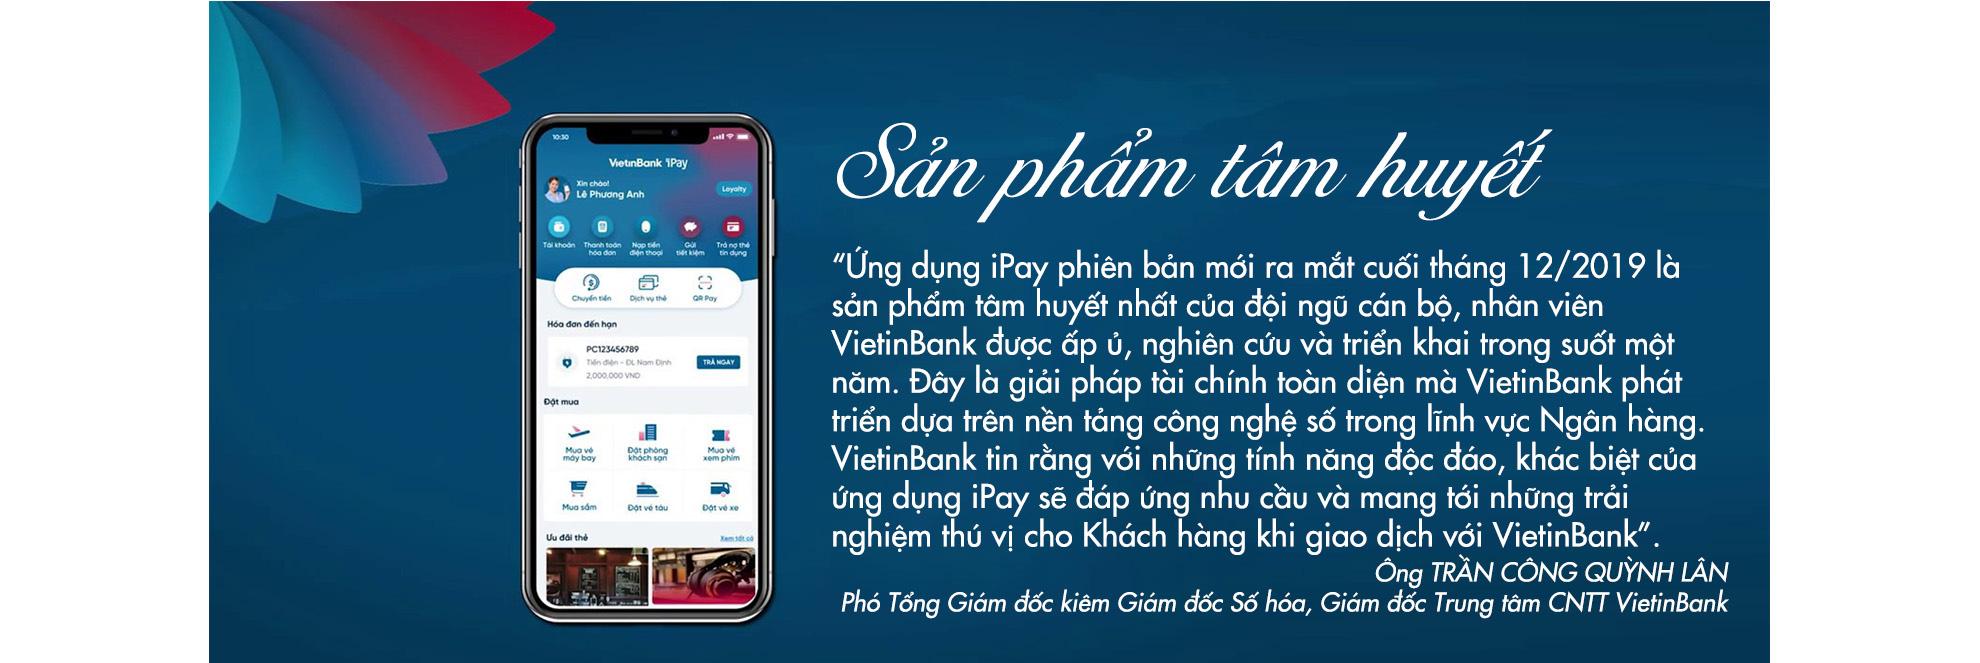 VietinBank iPay Mobile - Ứng dụng ngân hàng hiểu bạn hơn ai hết - Ảnh 11.